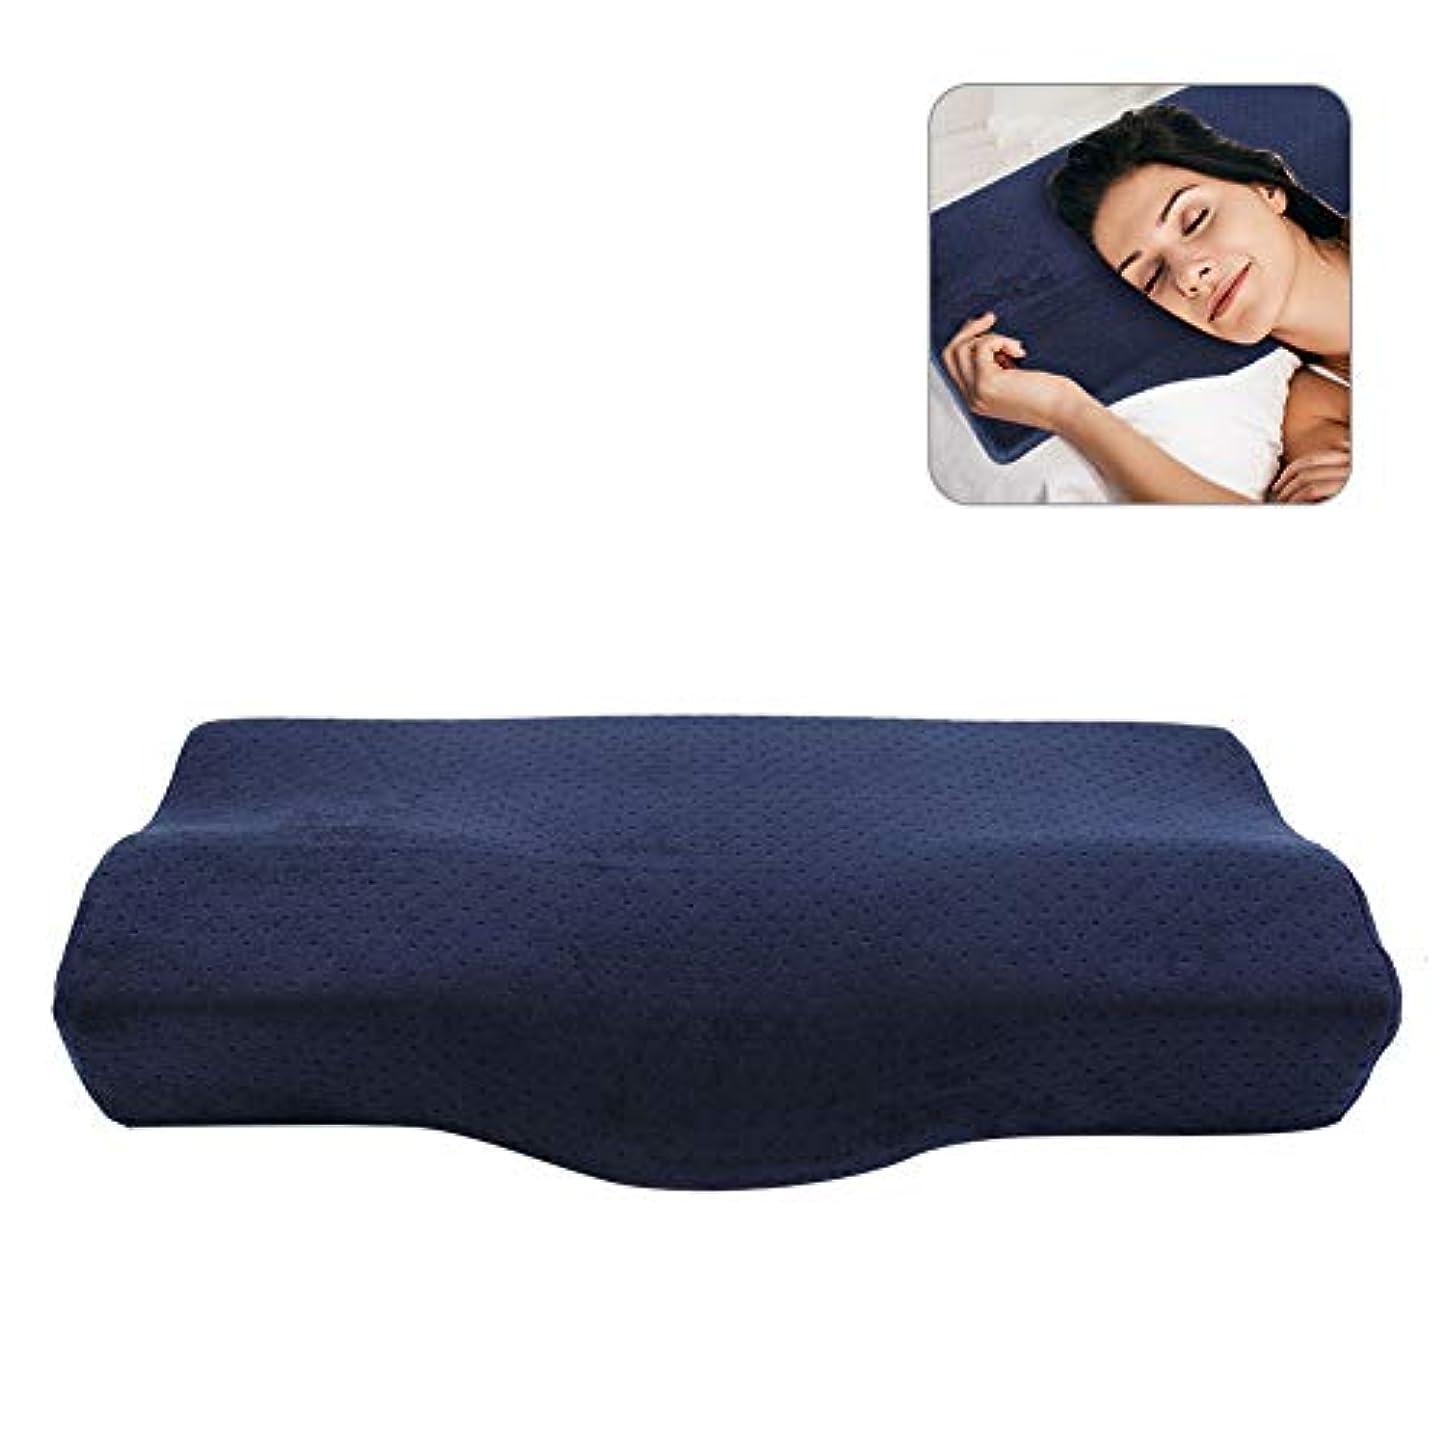 靴資源消費枕 安眠 低反発枕 肩こり対策 頸椎サポート 肩こり対策 首?頭?肩 子供 大人向き 美容院&グラフトまつげ (ダークブルー)